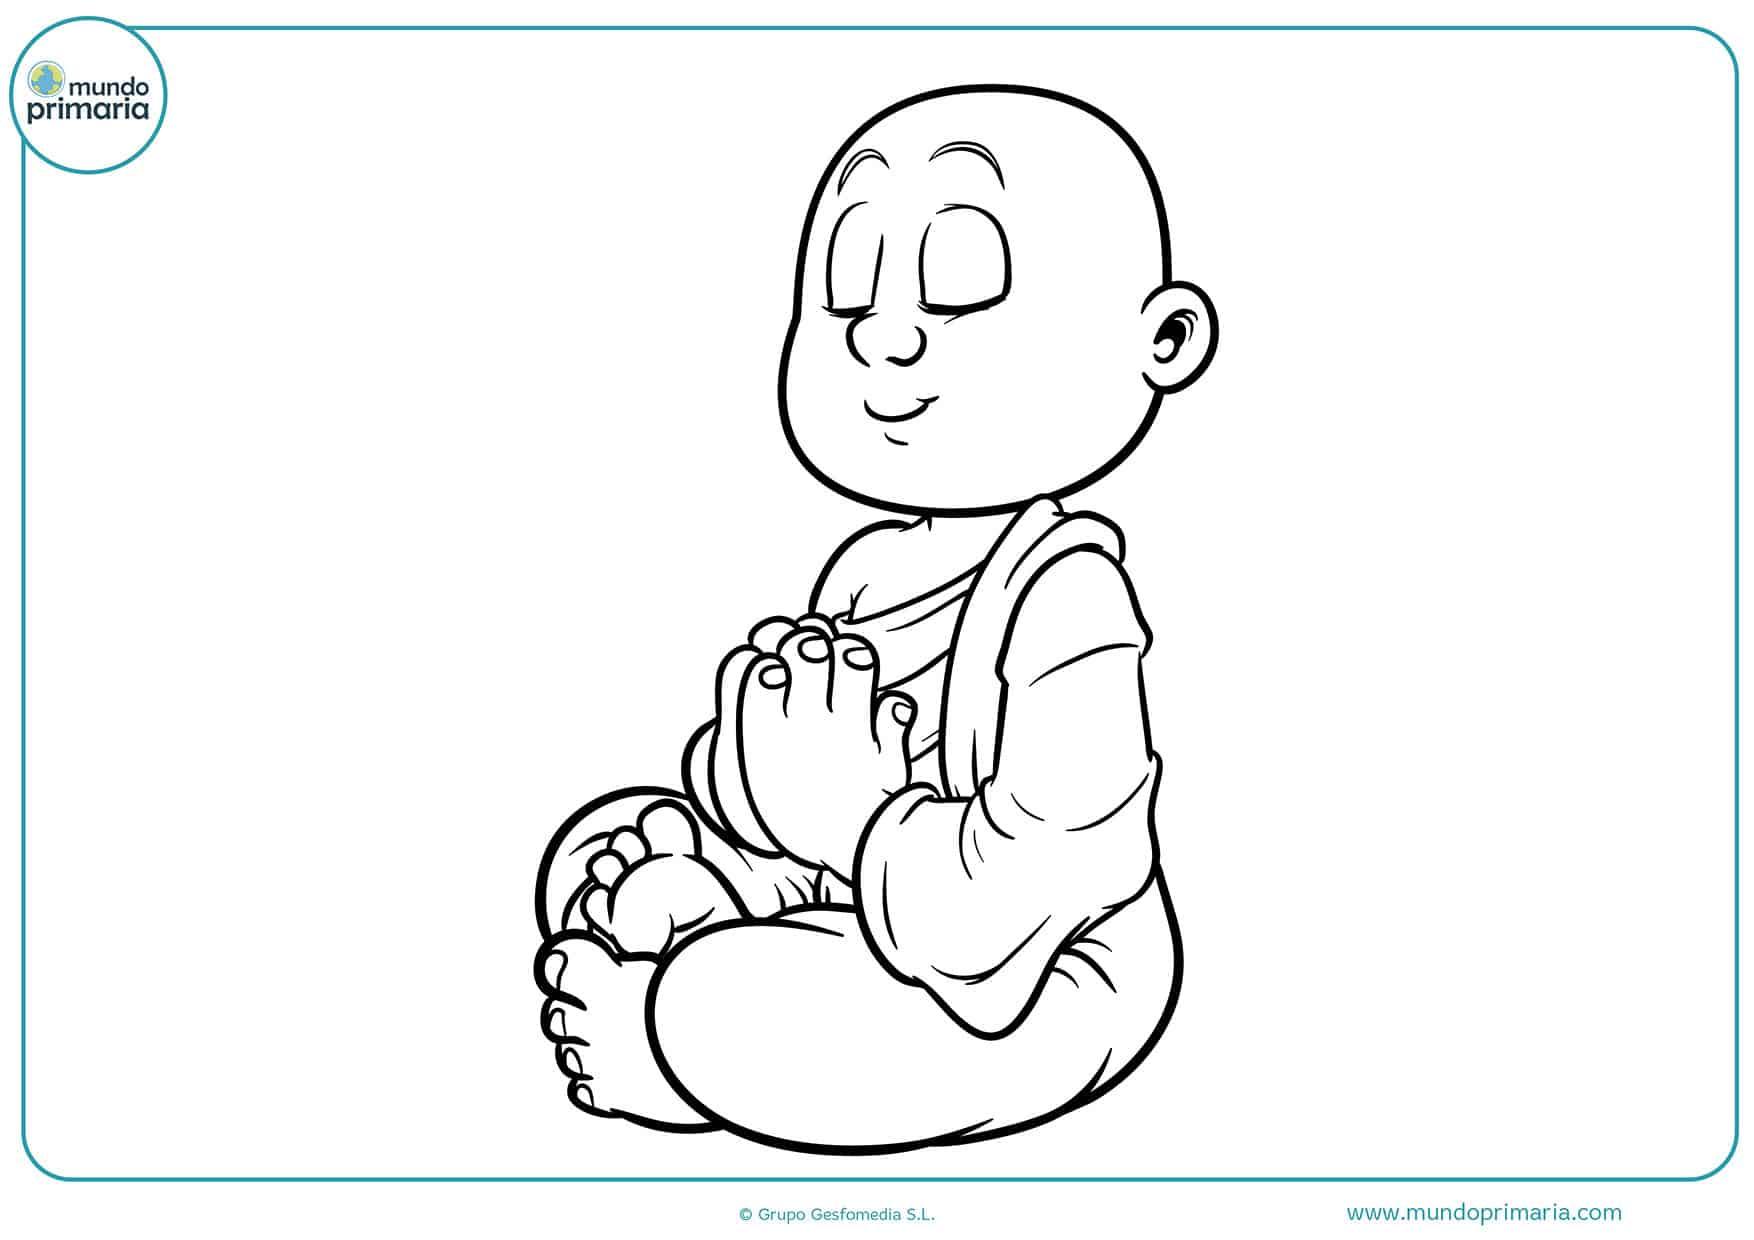 Imprimir dibujos cultura